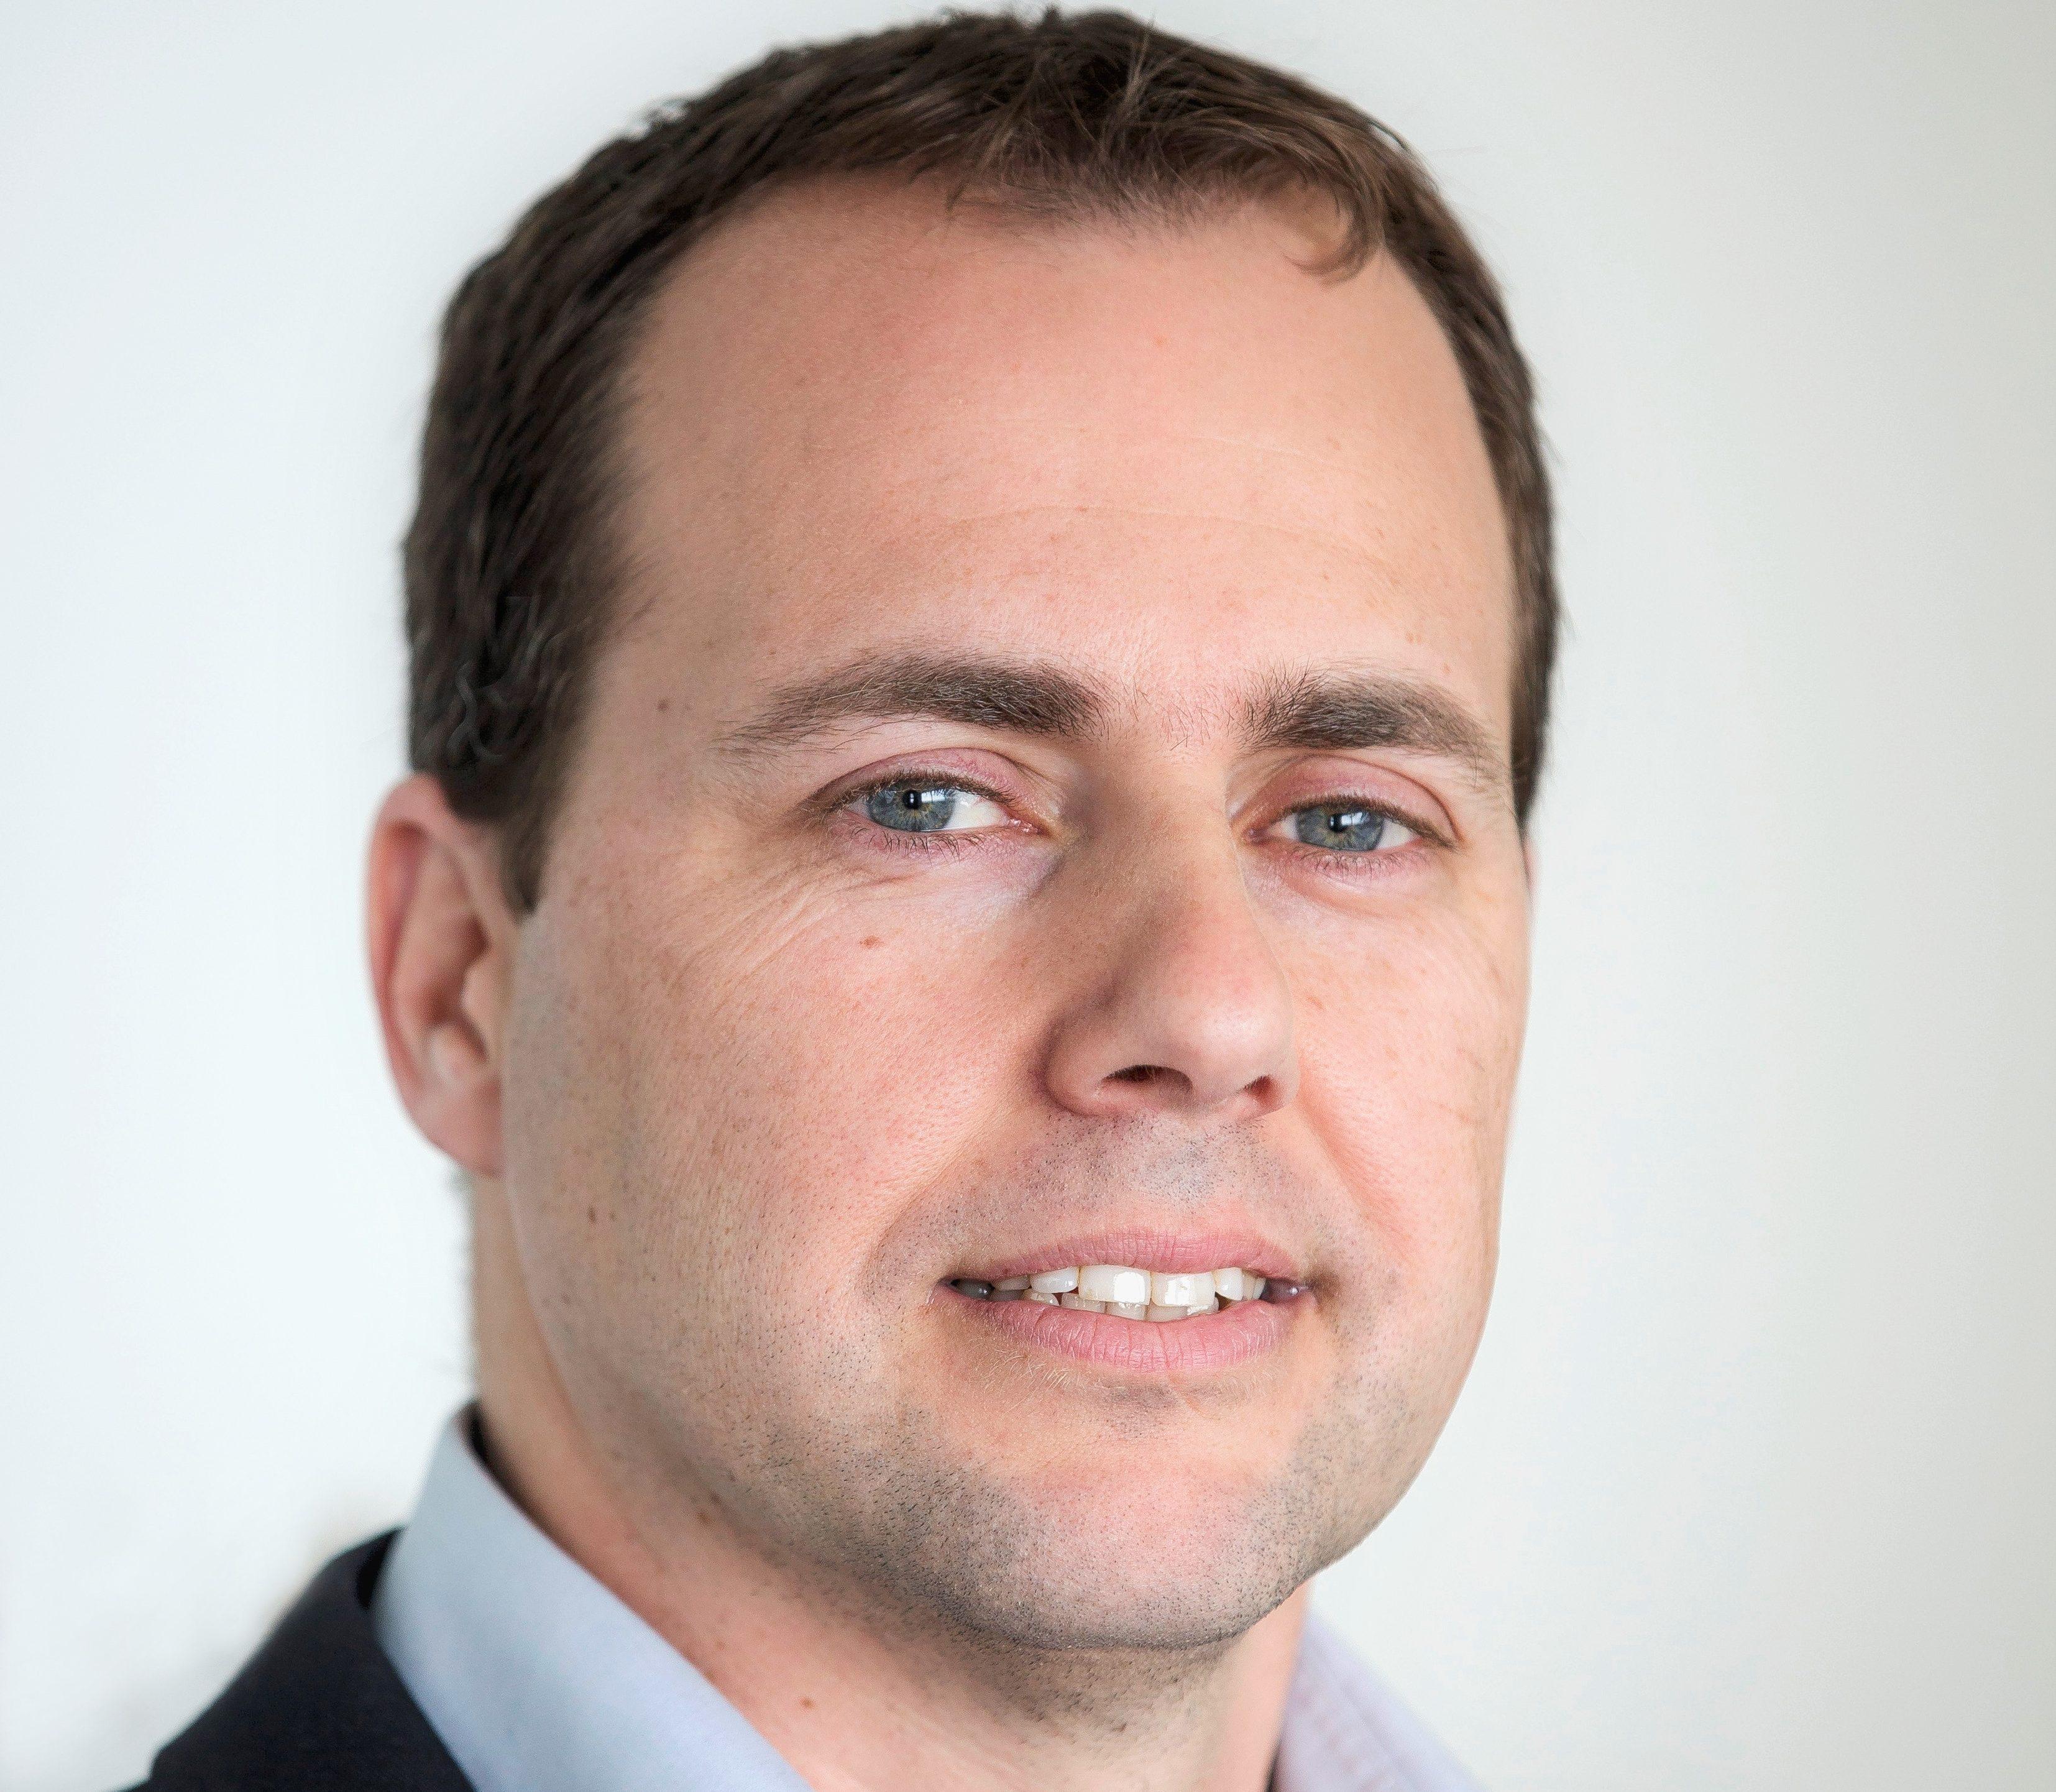 זרוע ההשקעות של קוואלקום בישראל מובילה השקעה בסך 18 מיליון דולר בחברת CyberX הישראלית